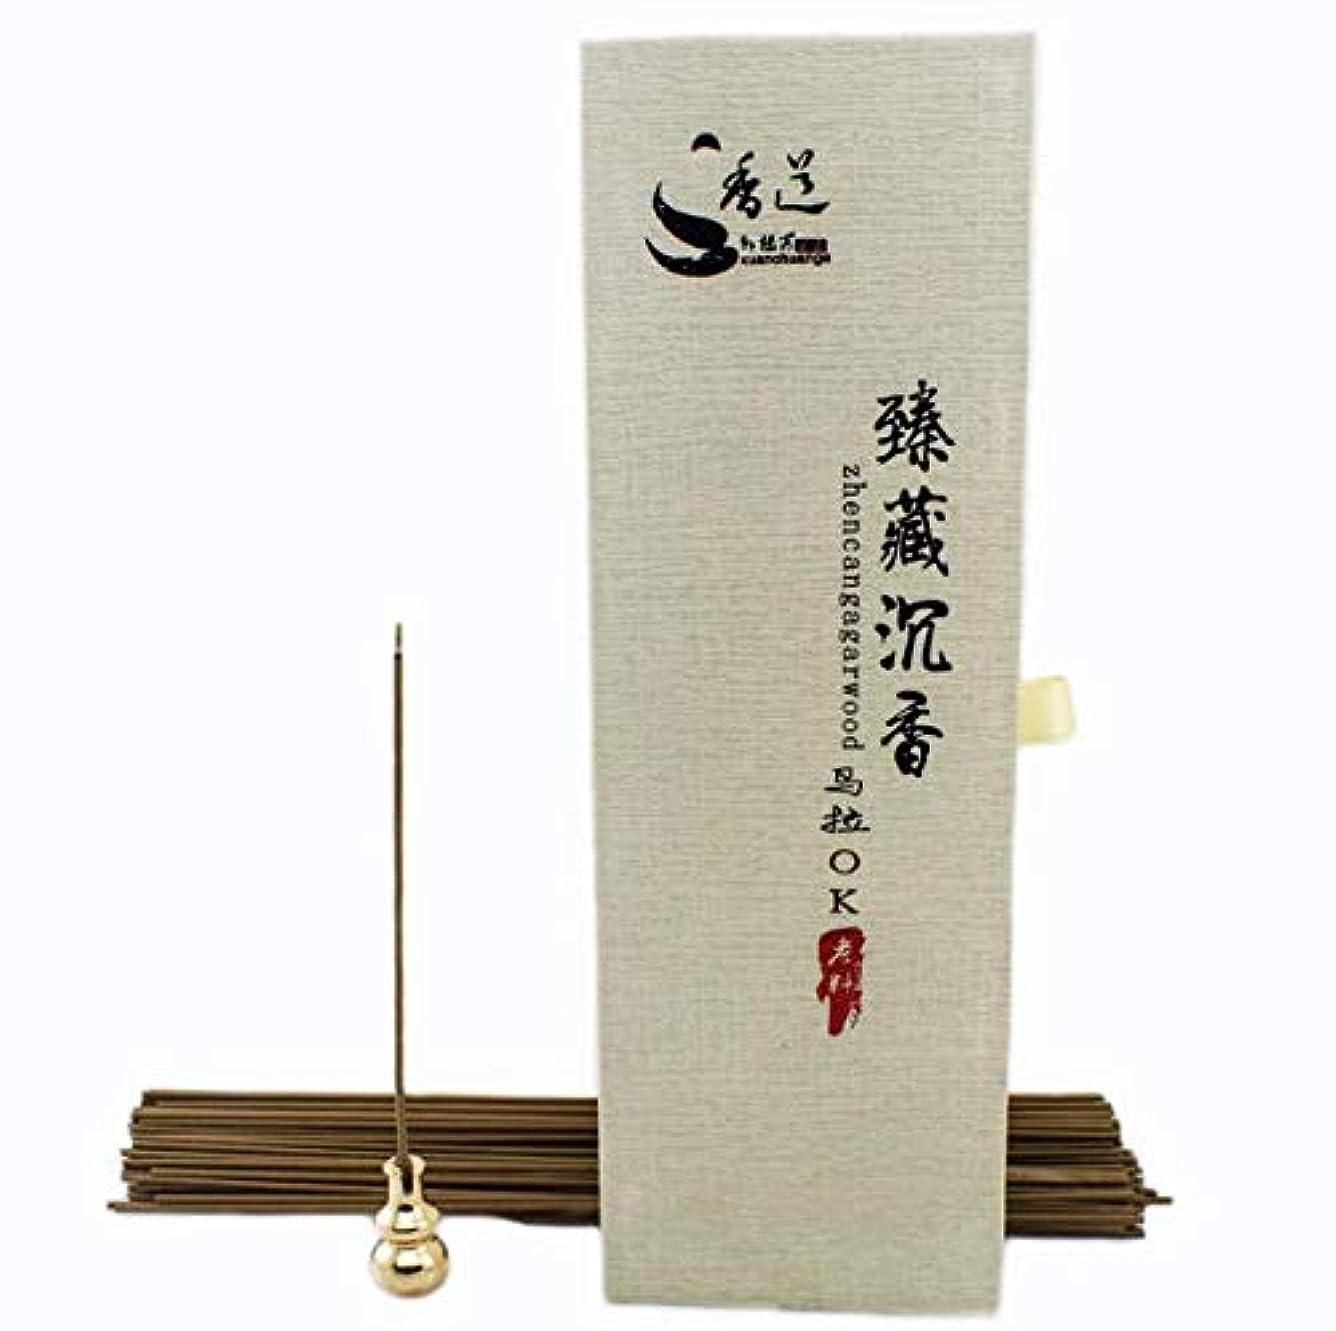 援助する風変わりなパンダお香のサポート、銅の香バーナー、風水の装飾、オフィステーブルのための中空牡丹レリーフ、ホームデコ,Incense*2B